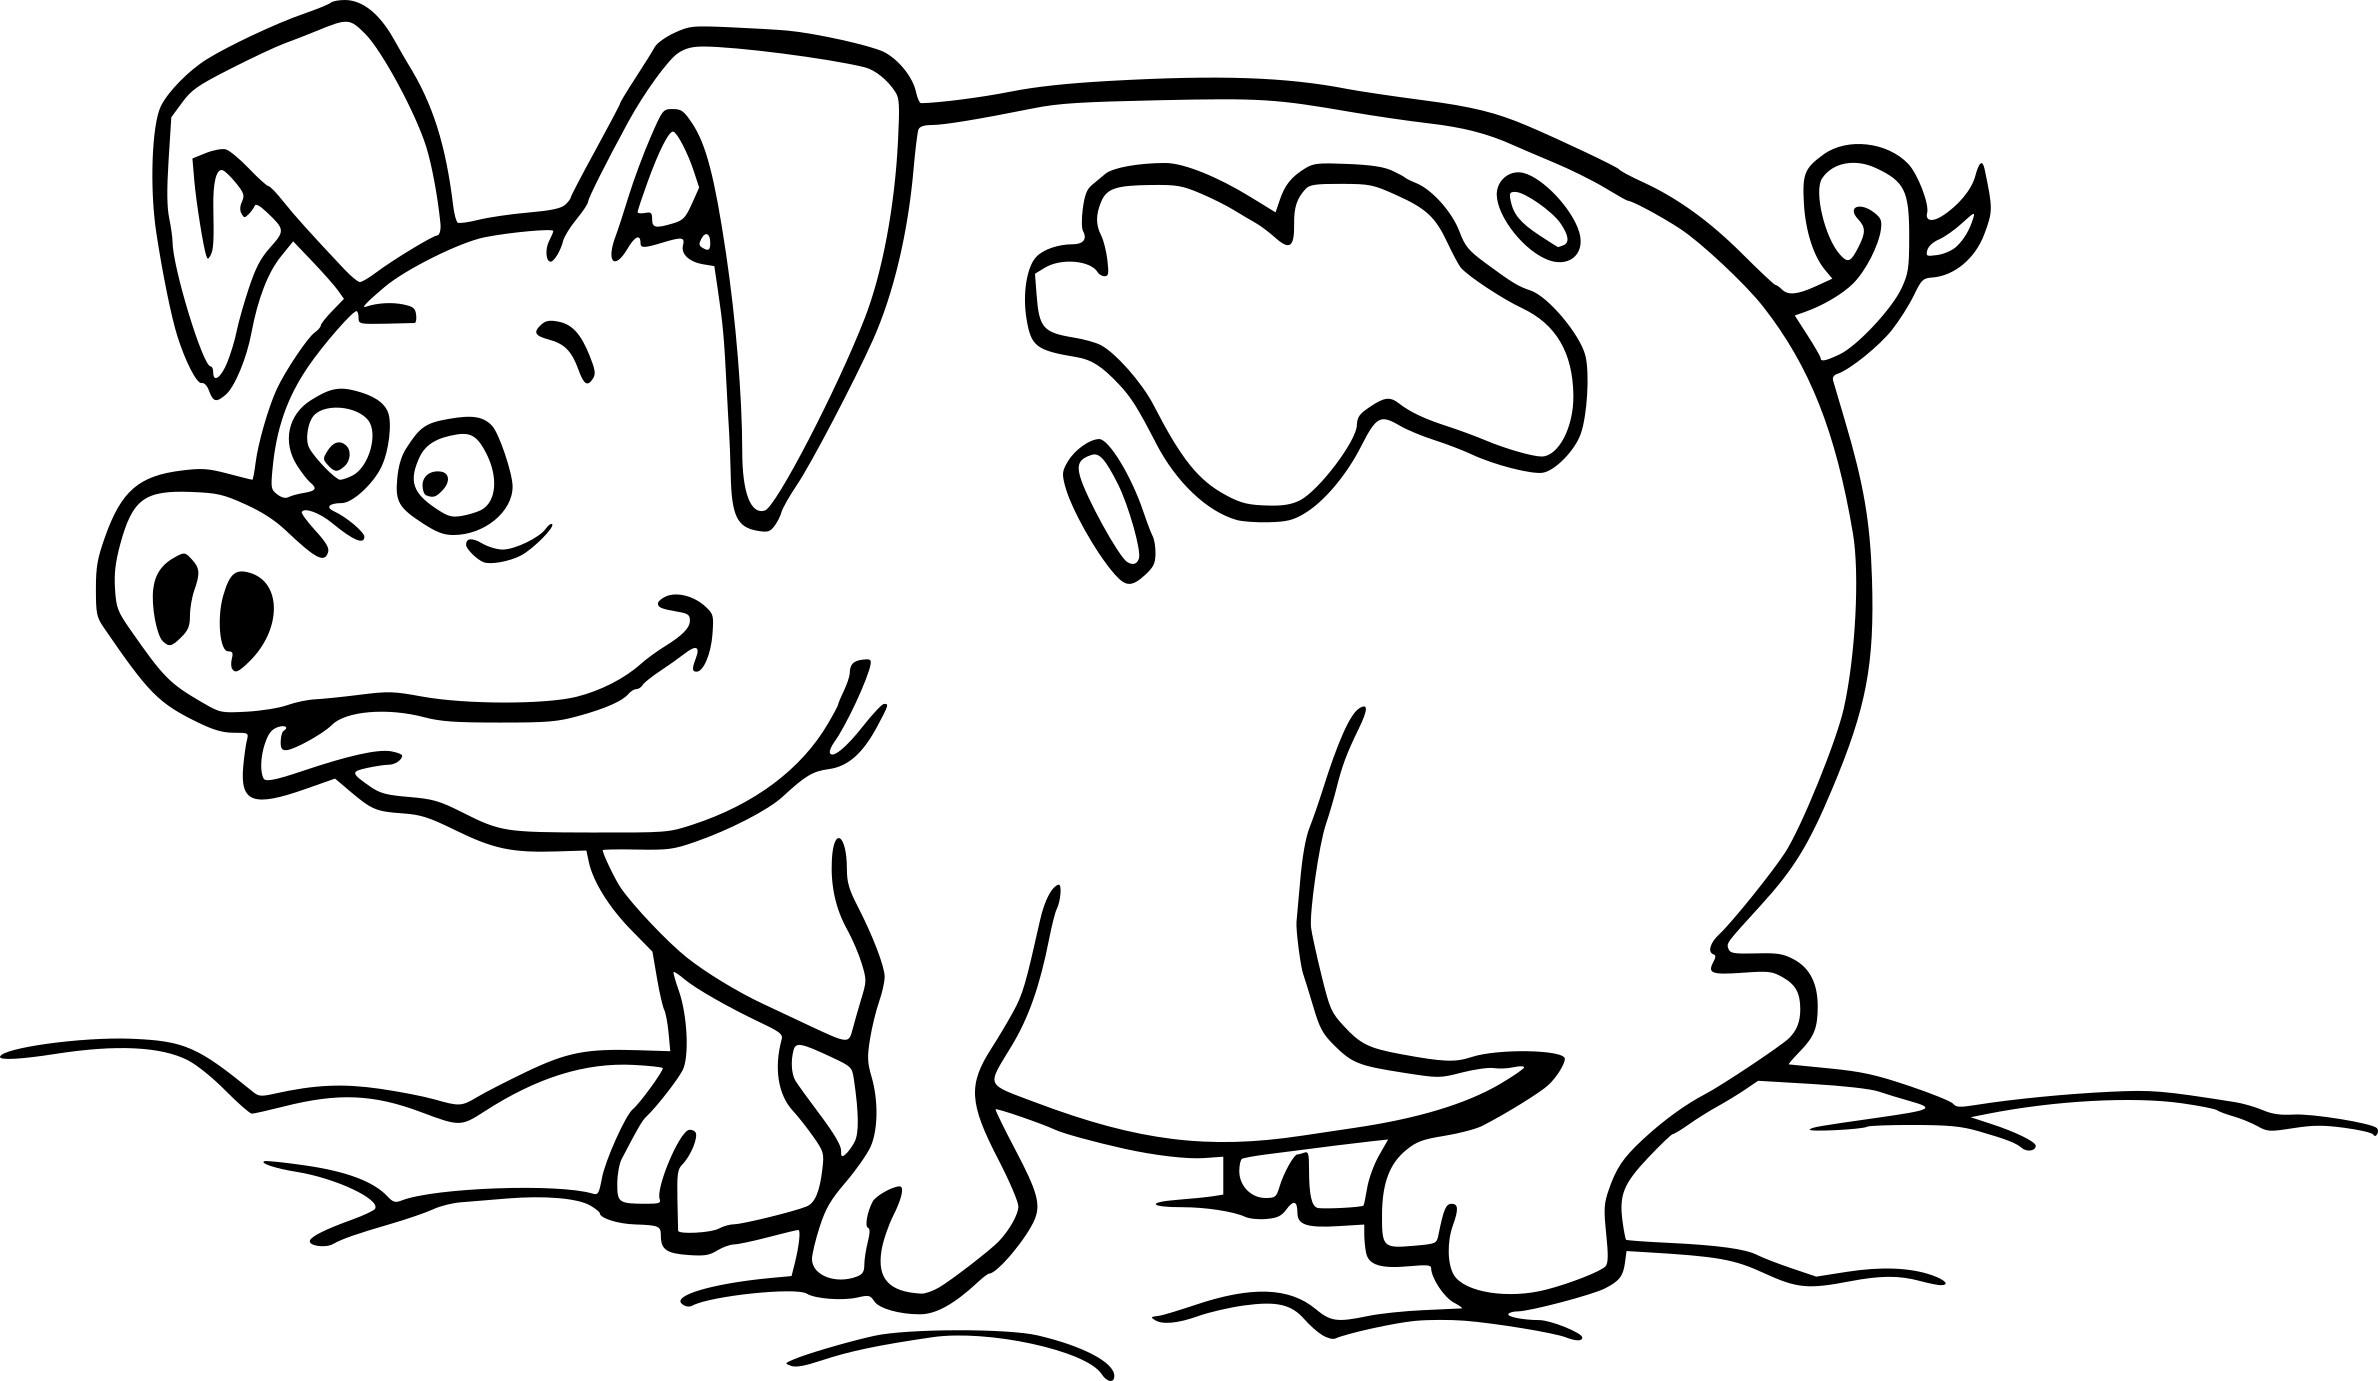 Coloriage Cochon Boue À Imprimer Sur Coloriages intérieur Dessin A Colorier Cochon